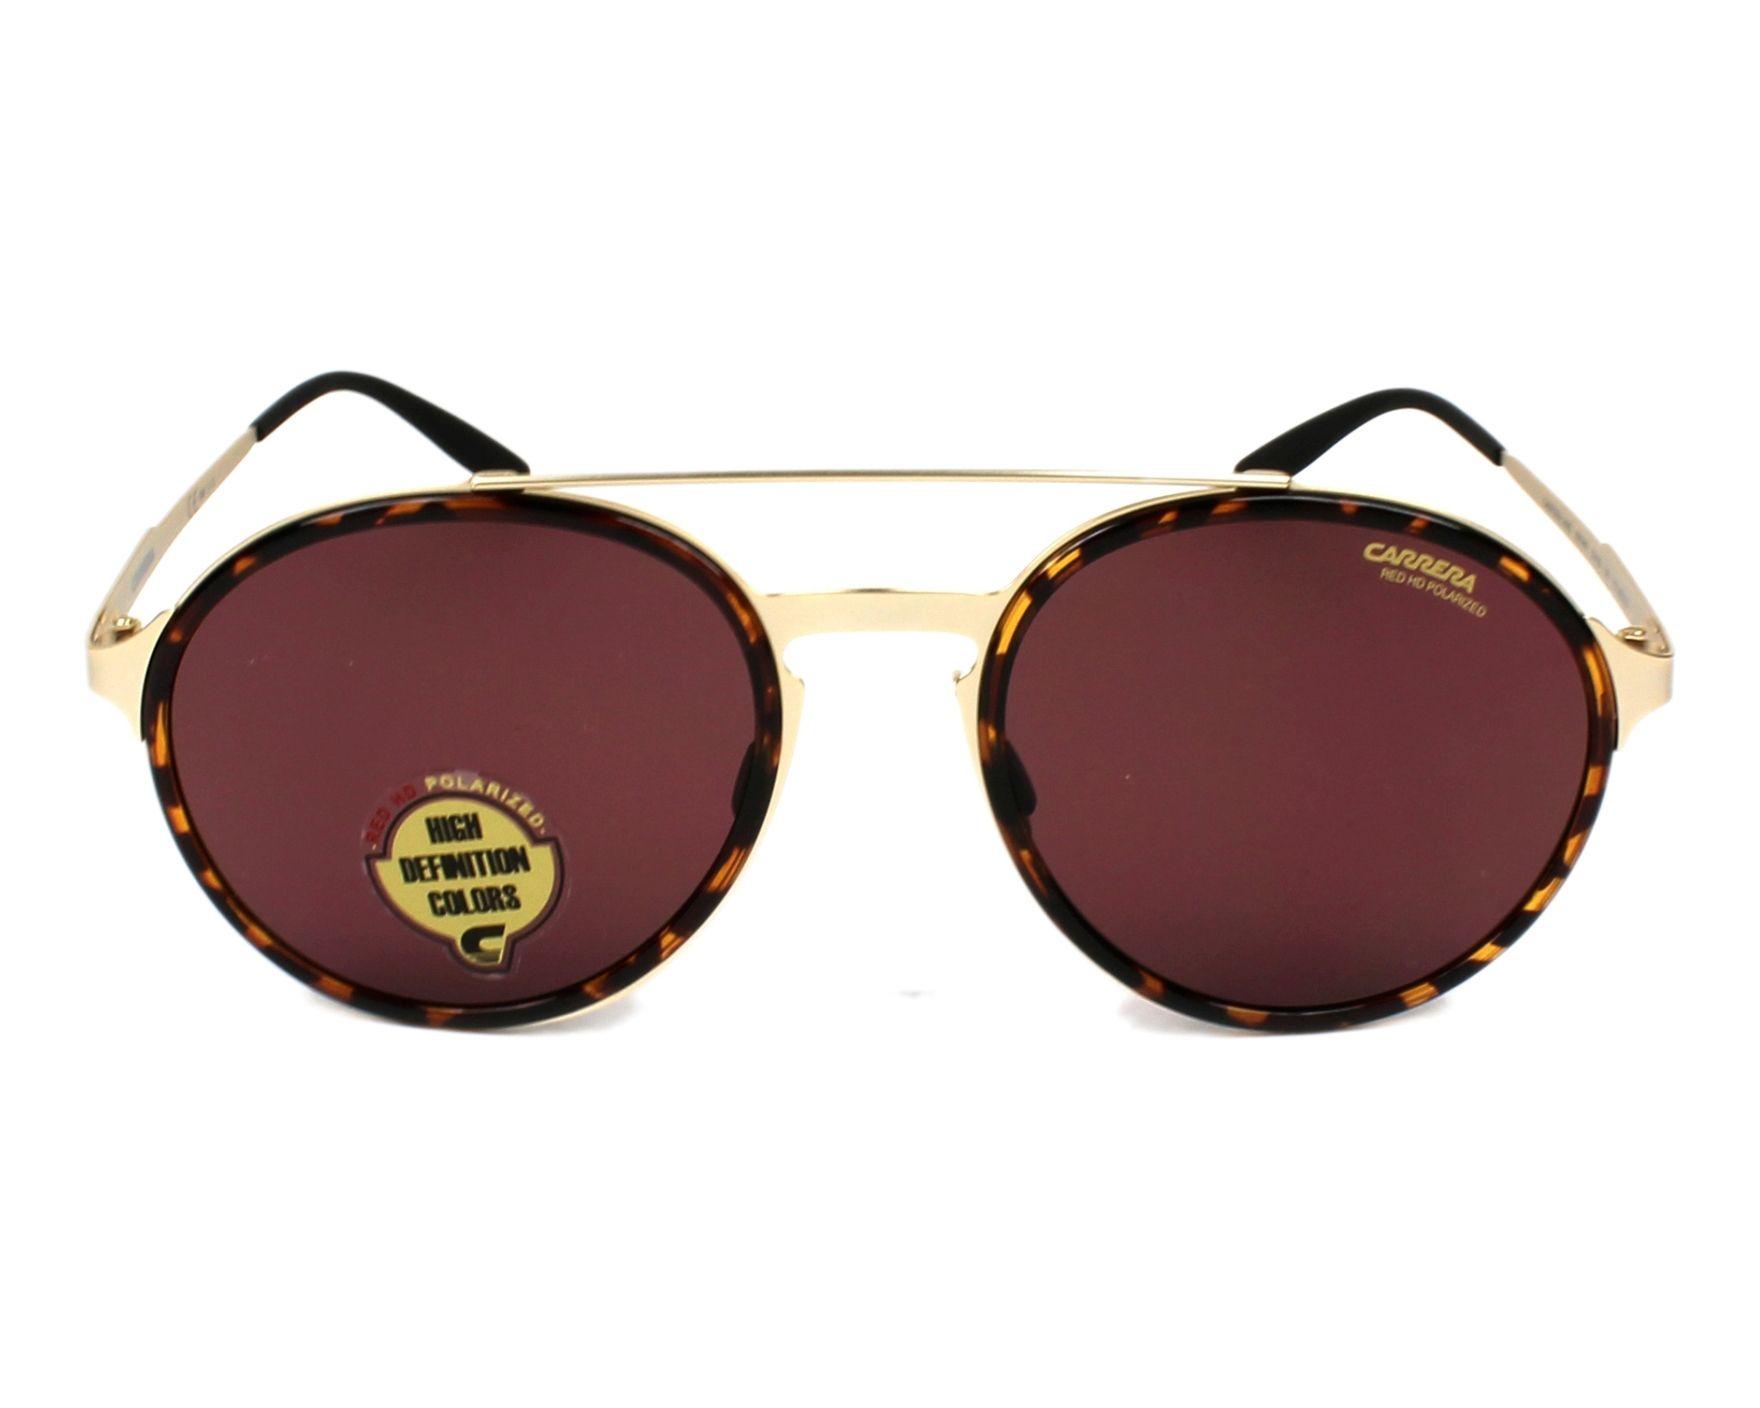 77f6e6153c2 Sunglasses Carrera CARRERA-140-S 8SO W6 53-20 Gold Havana front